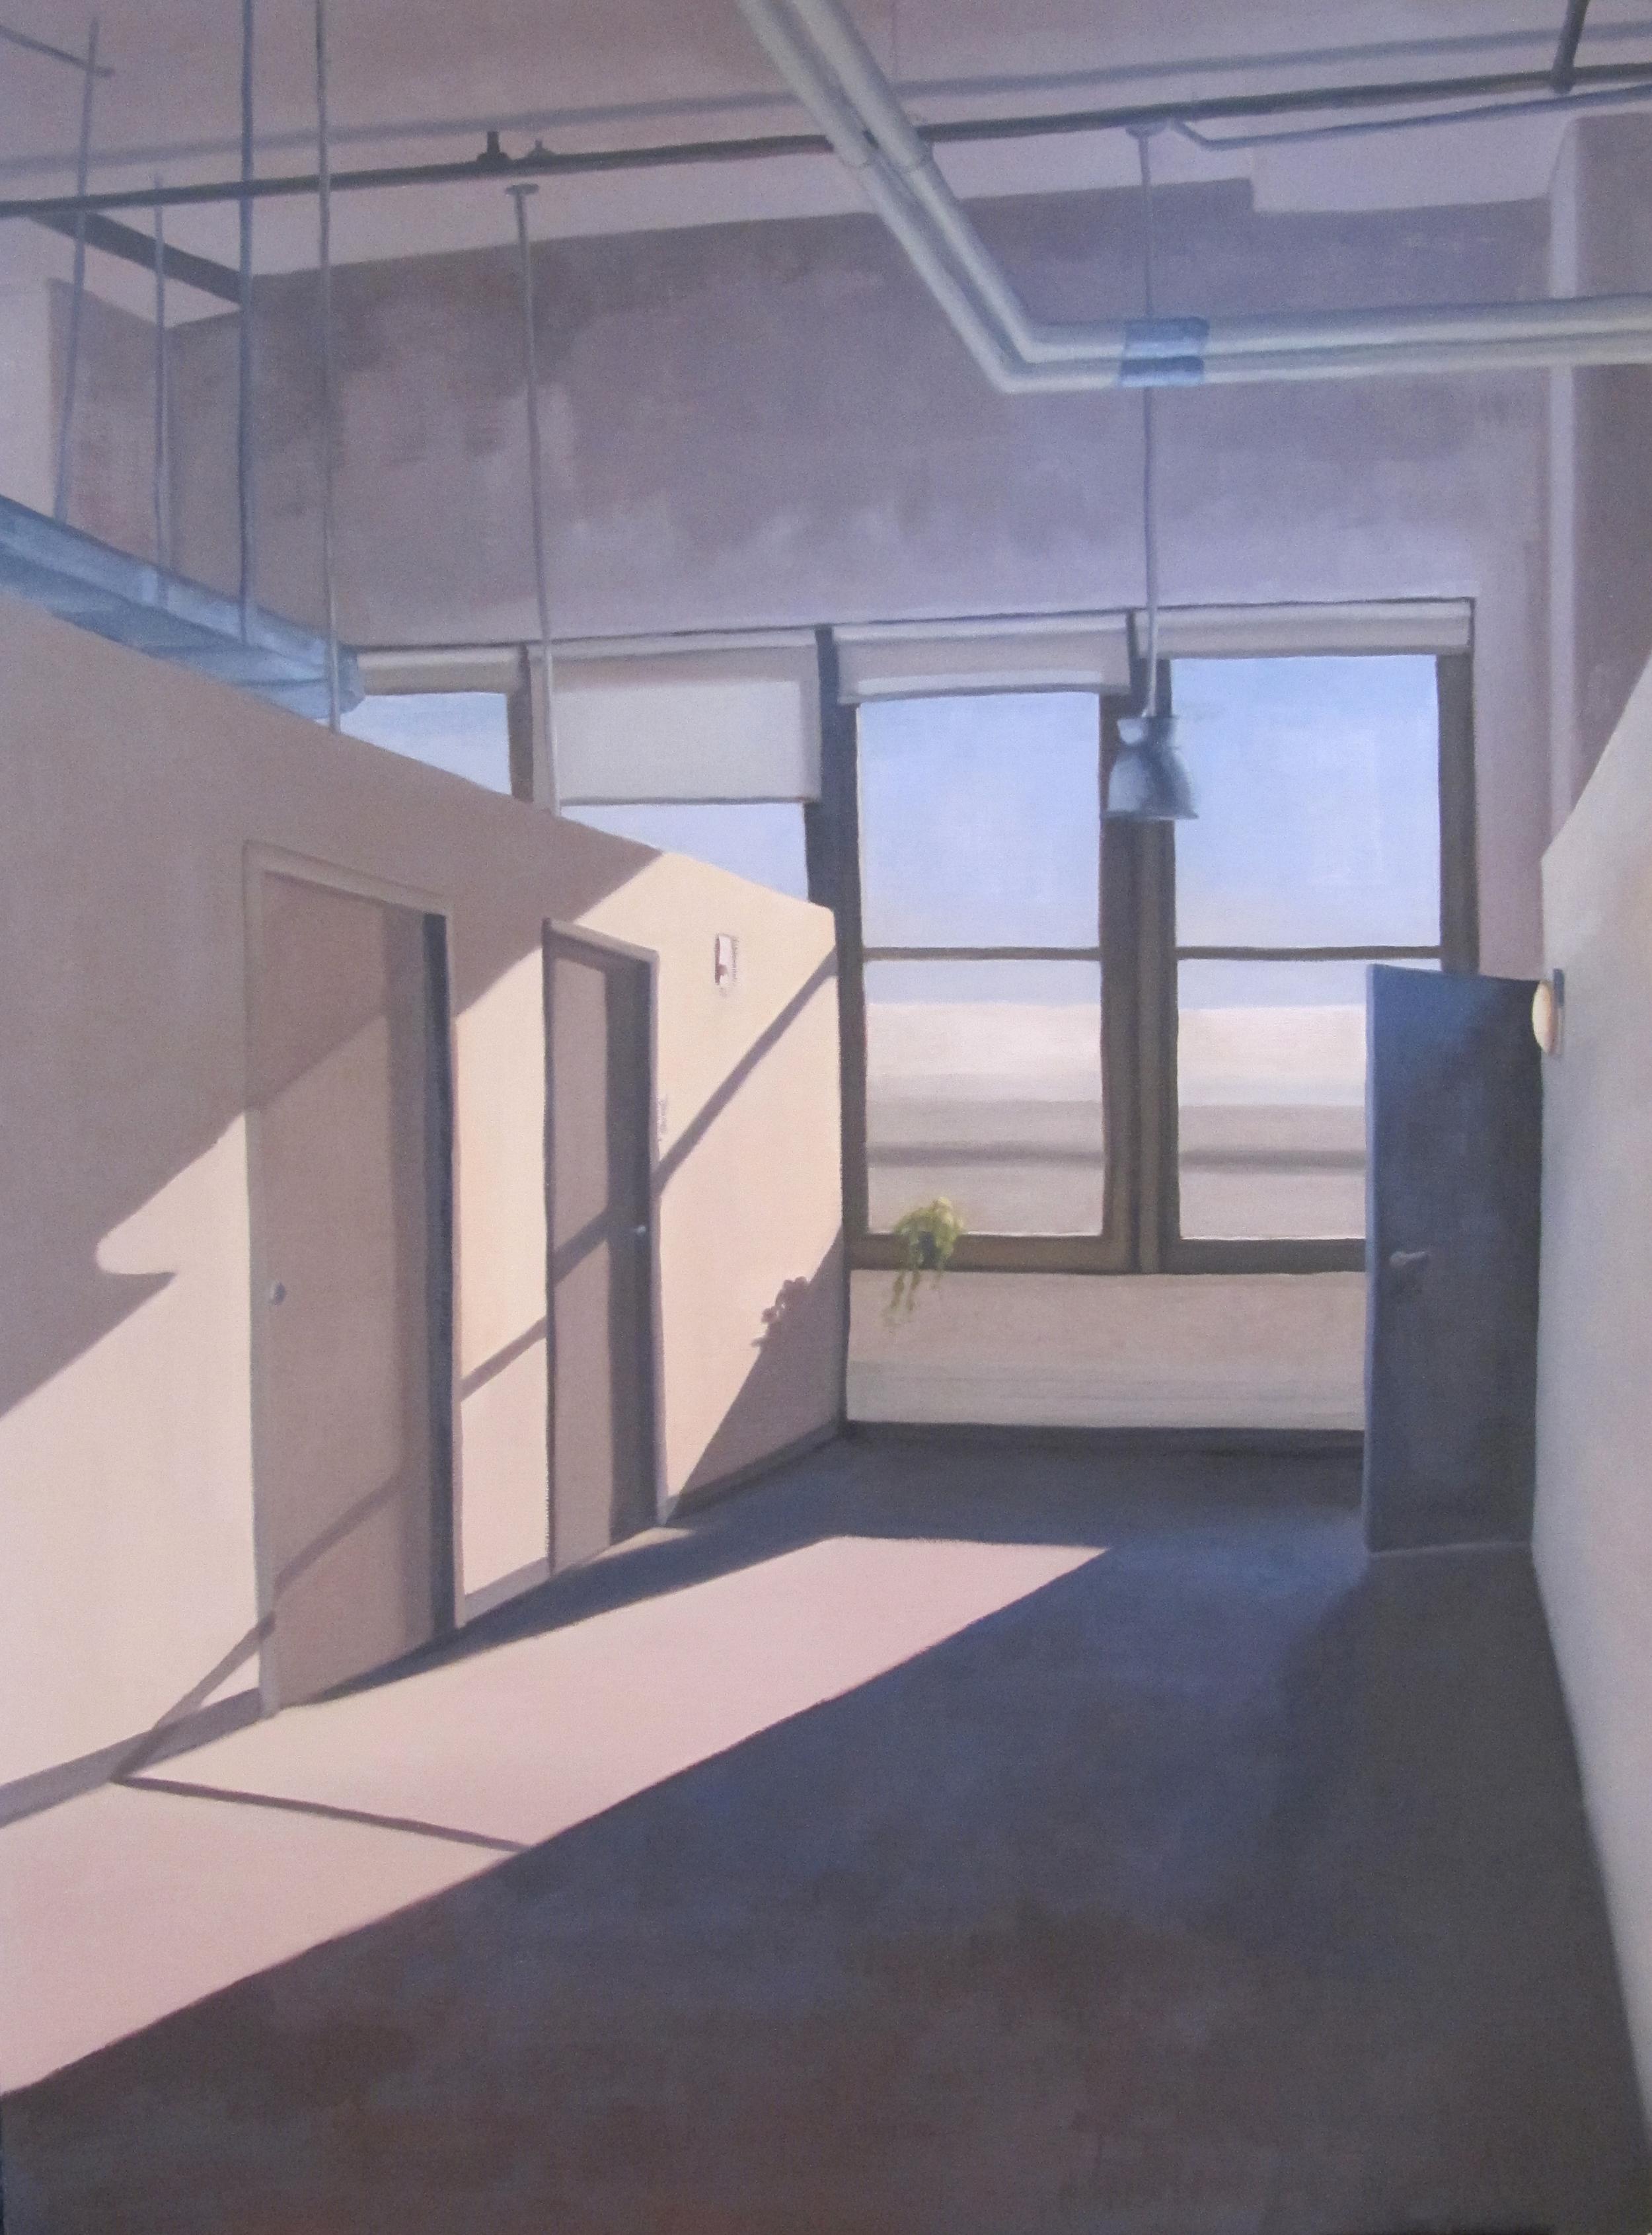 Studio in Morning Light